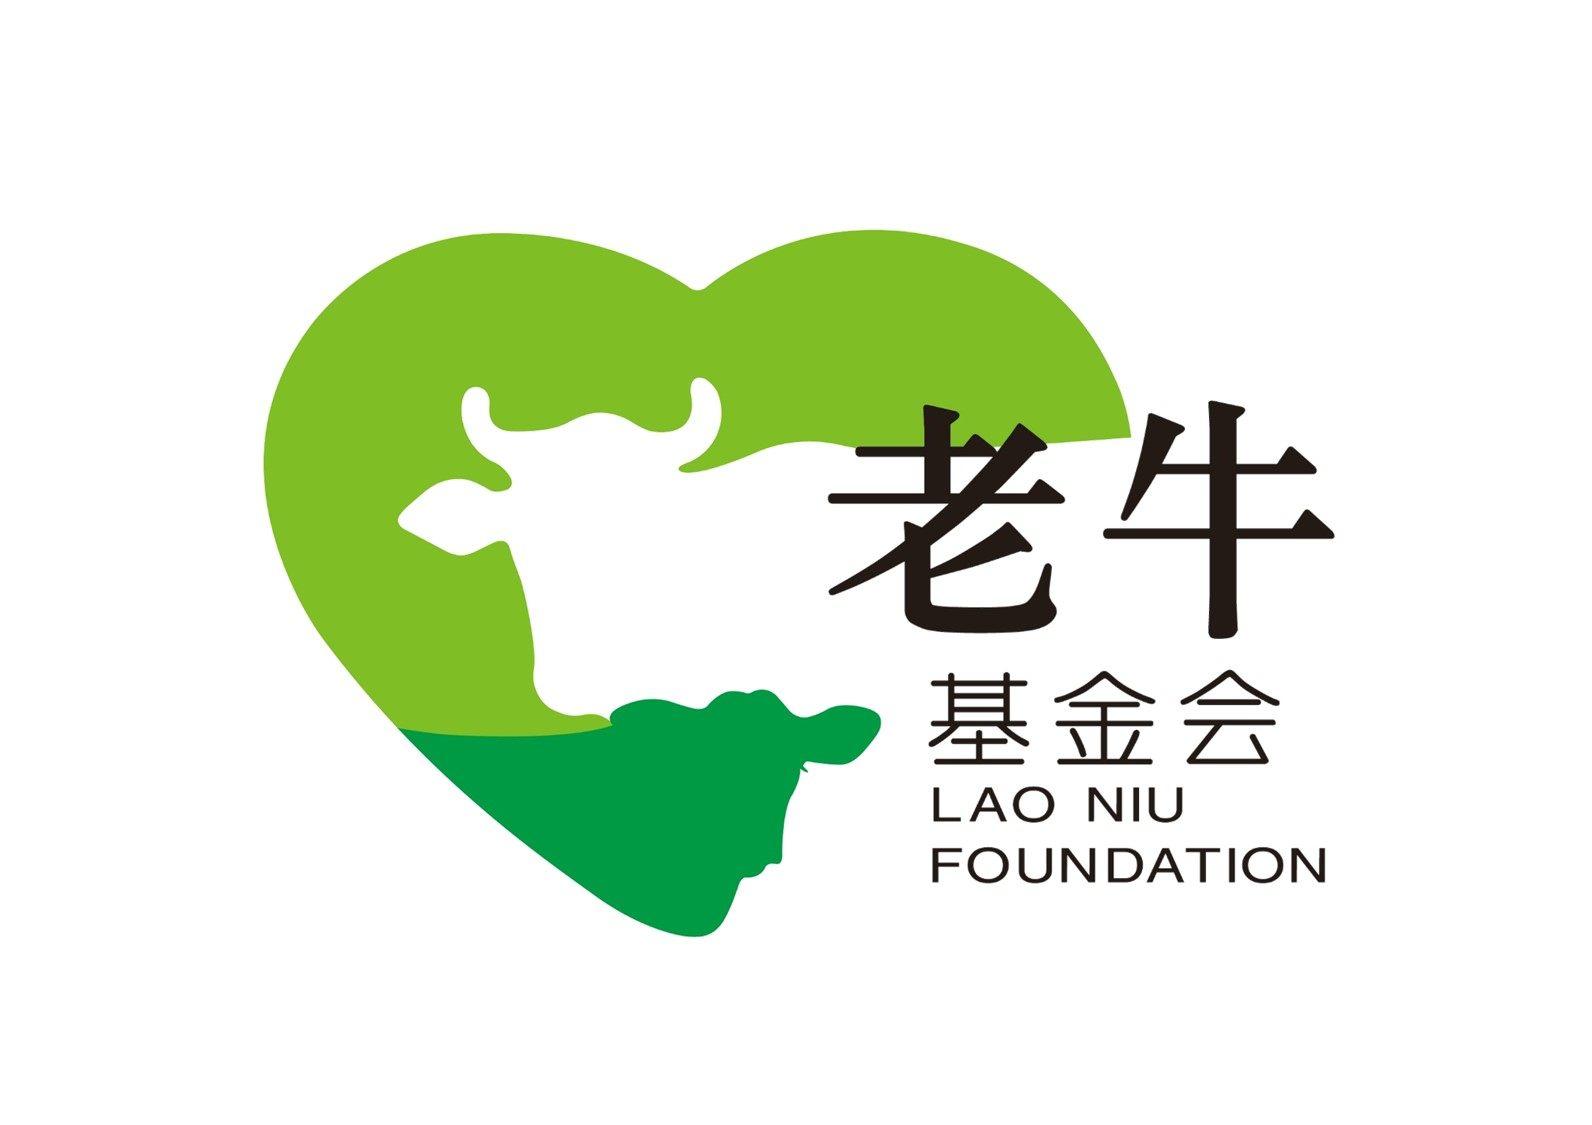 logo logo 标志 设计 矢量 矢量图 素材 图标 1592_1125